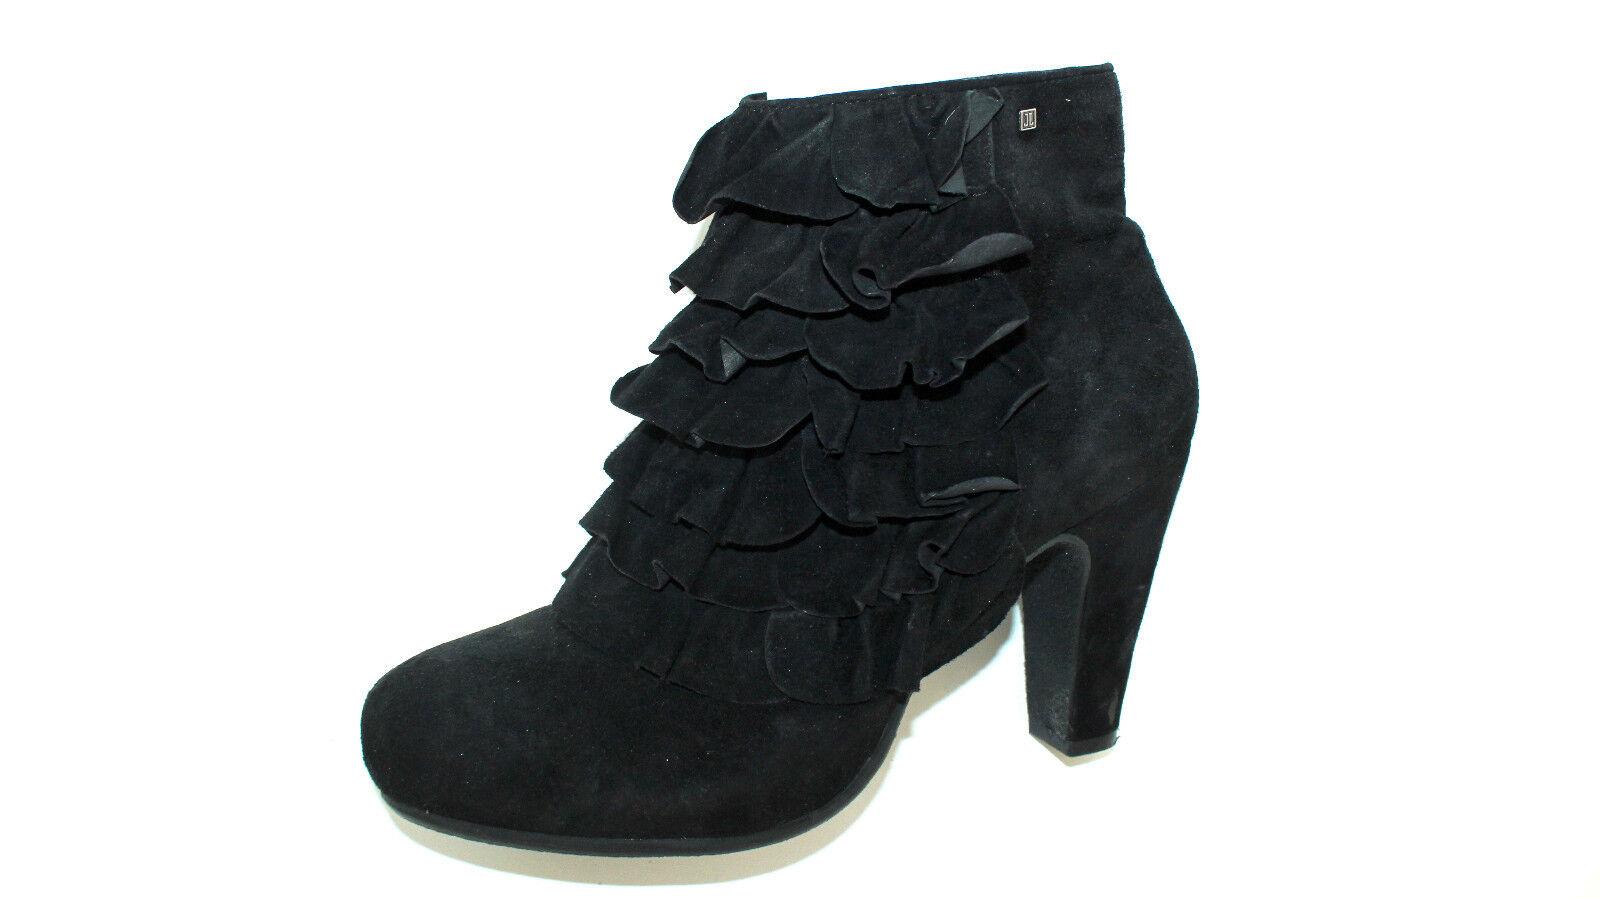 JETTE JOOP schwarze Ankle Stiefel Stiefeletten Rüschen 40 UK 6,5 Wildledersoft TOP    Sale Düsseldorf